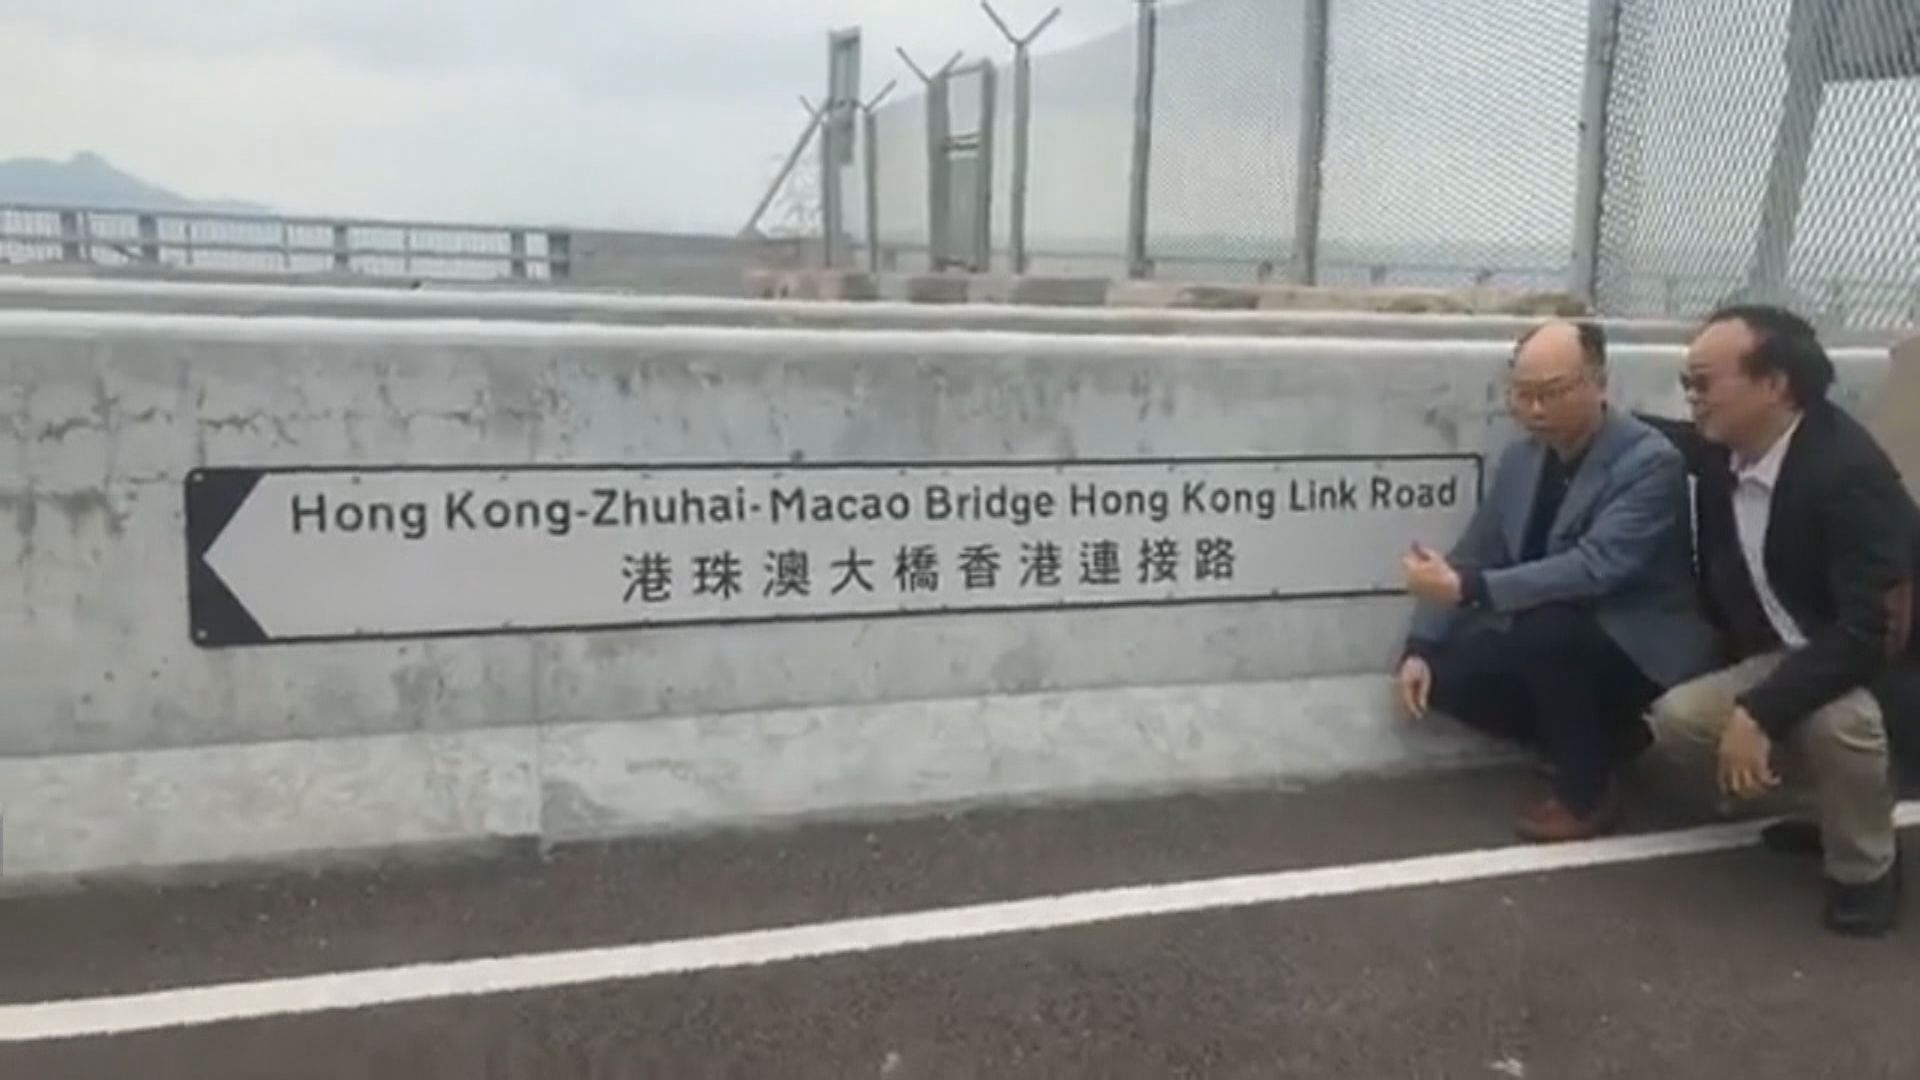 陳帆跟議員在大橋粵港分界線前的路牌合照